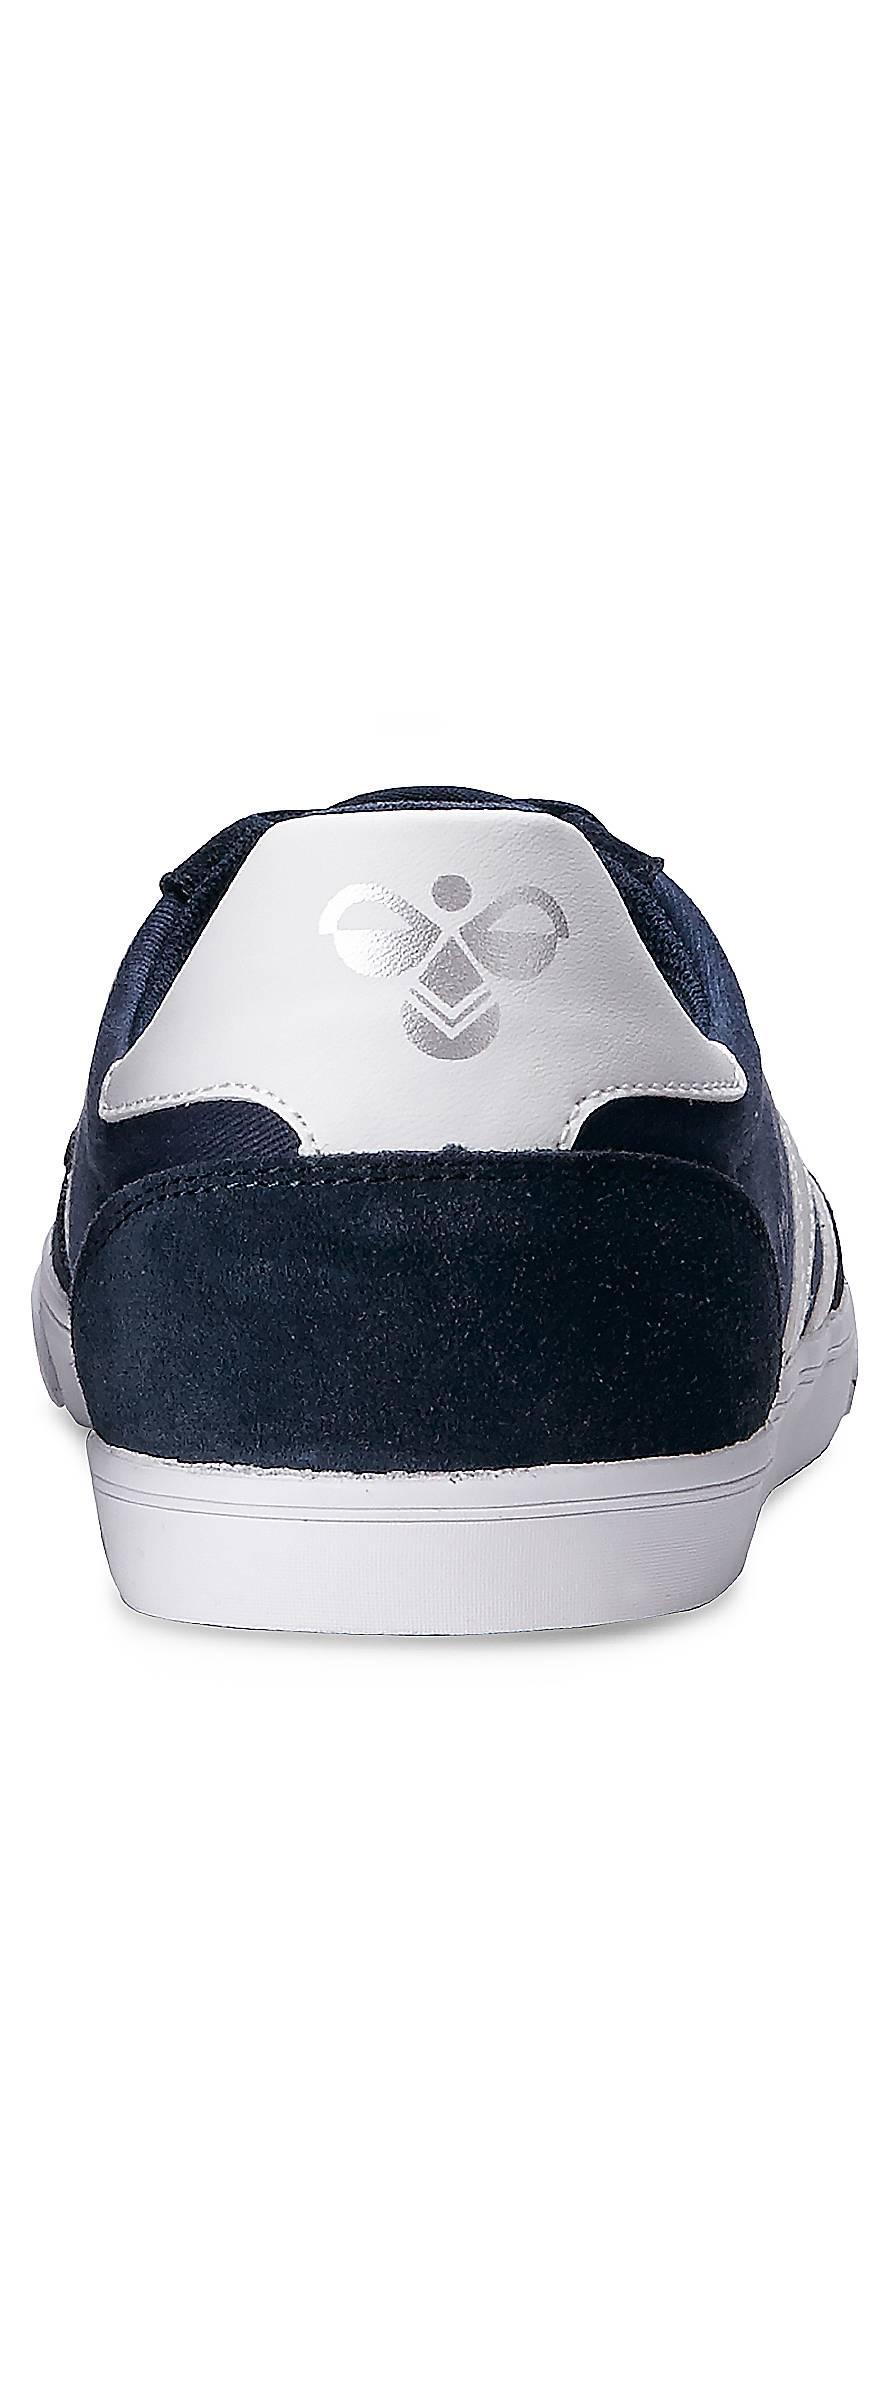 hummel slimmer stadil low sneaker low blau dunkel goertz. Black Bedroom Furniture Sets. Home Design Ideas